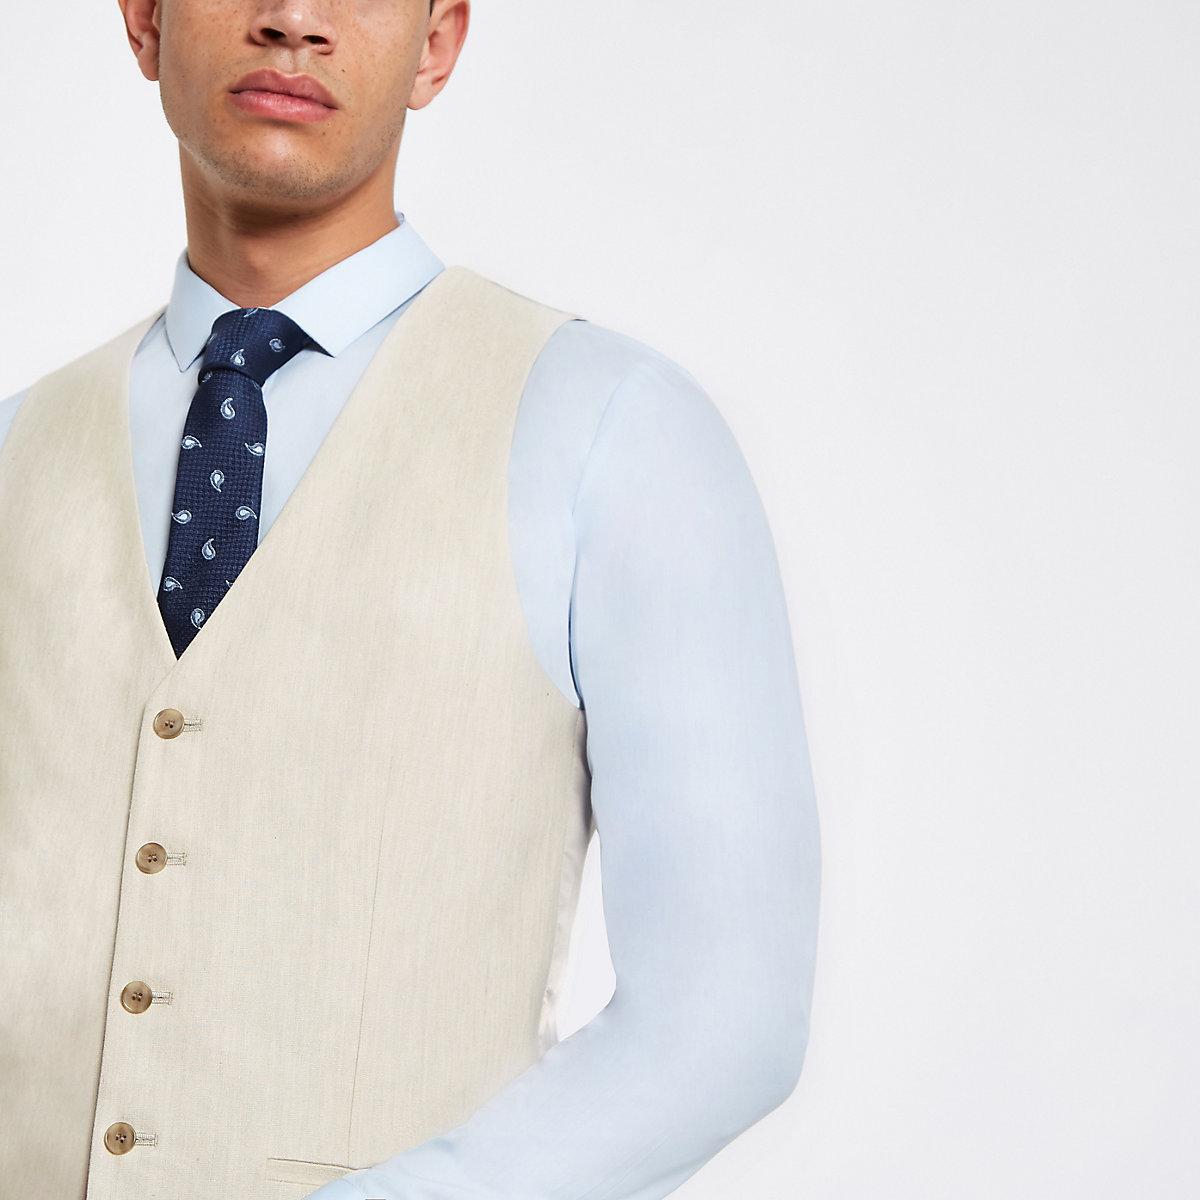 Ecru linen suit waistcoat